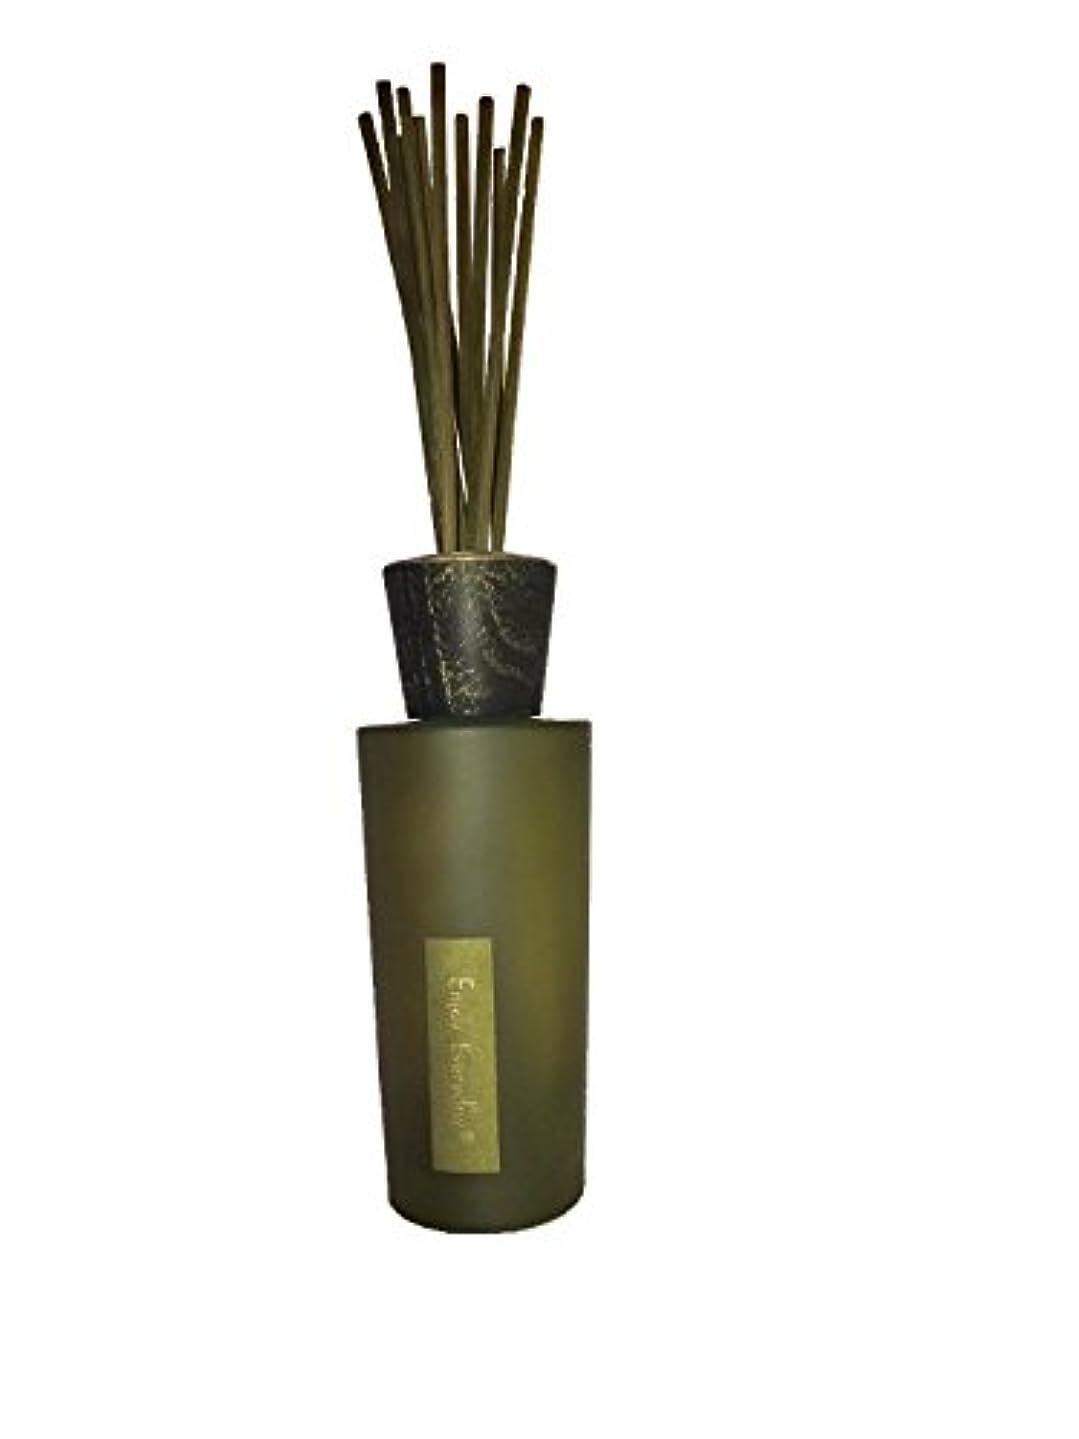 軍団考案する計算可能40%OFF!【Branch of Aroma】100%天然アロマスティックディフューザー-9種の香り- (200ml) (ラグジュアリーRose)